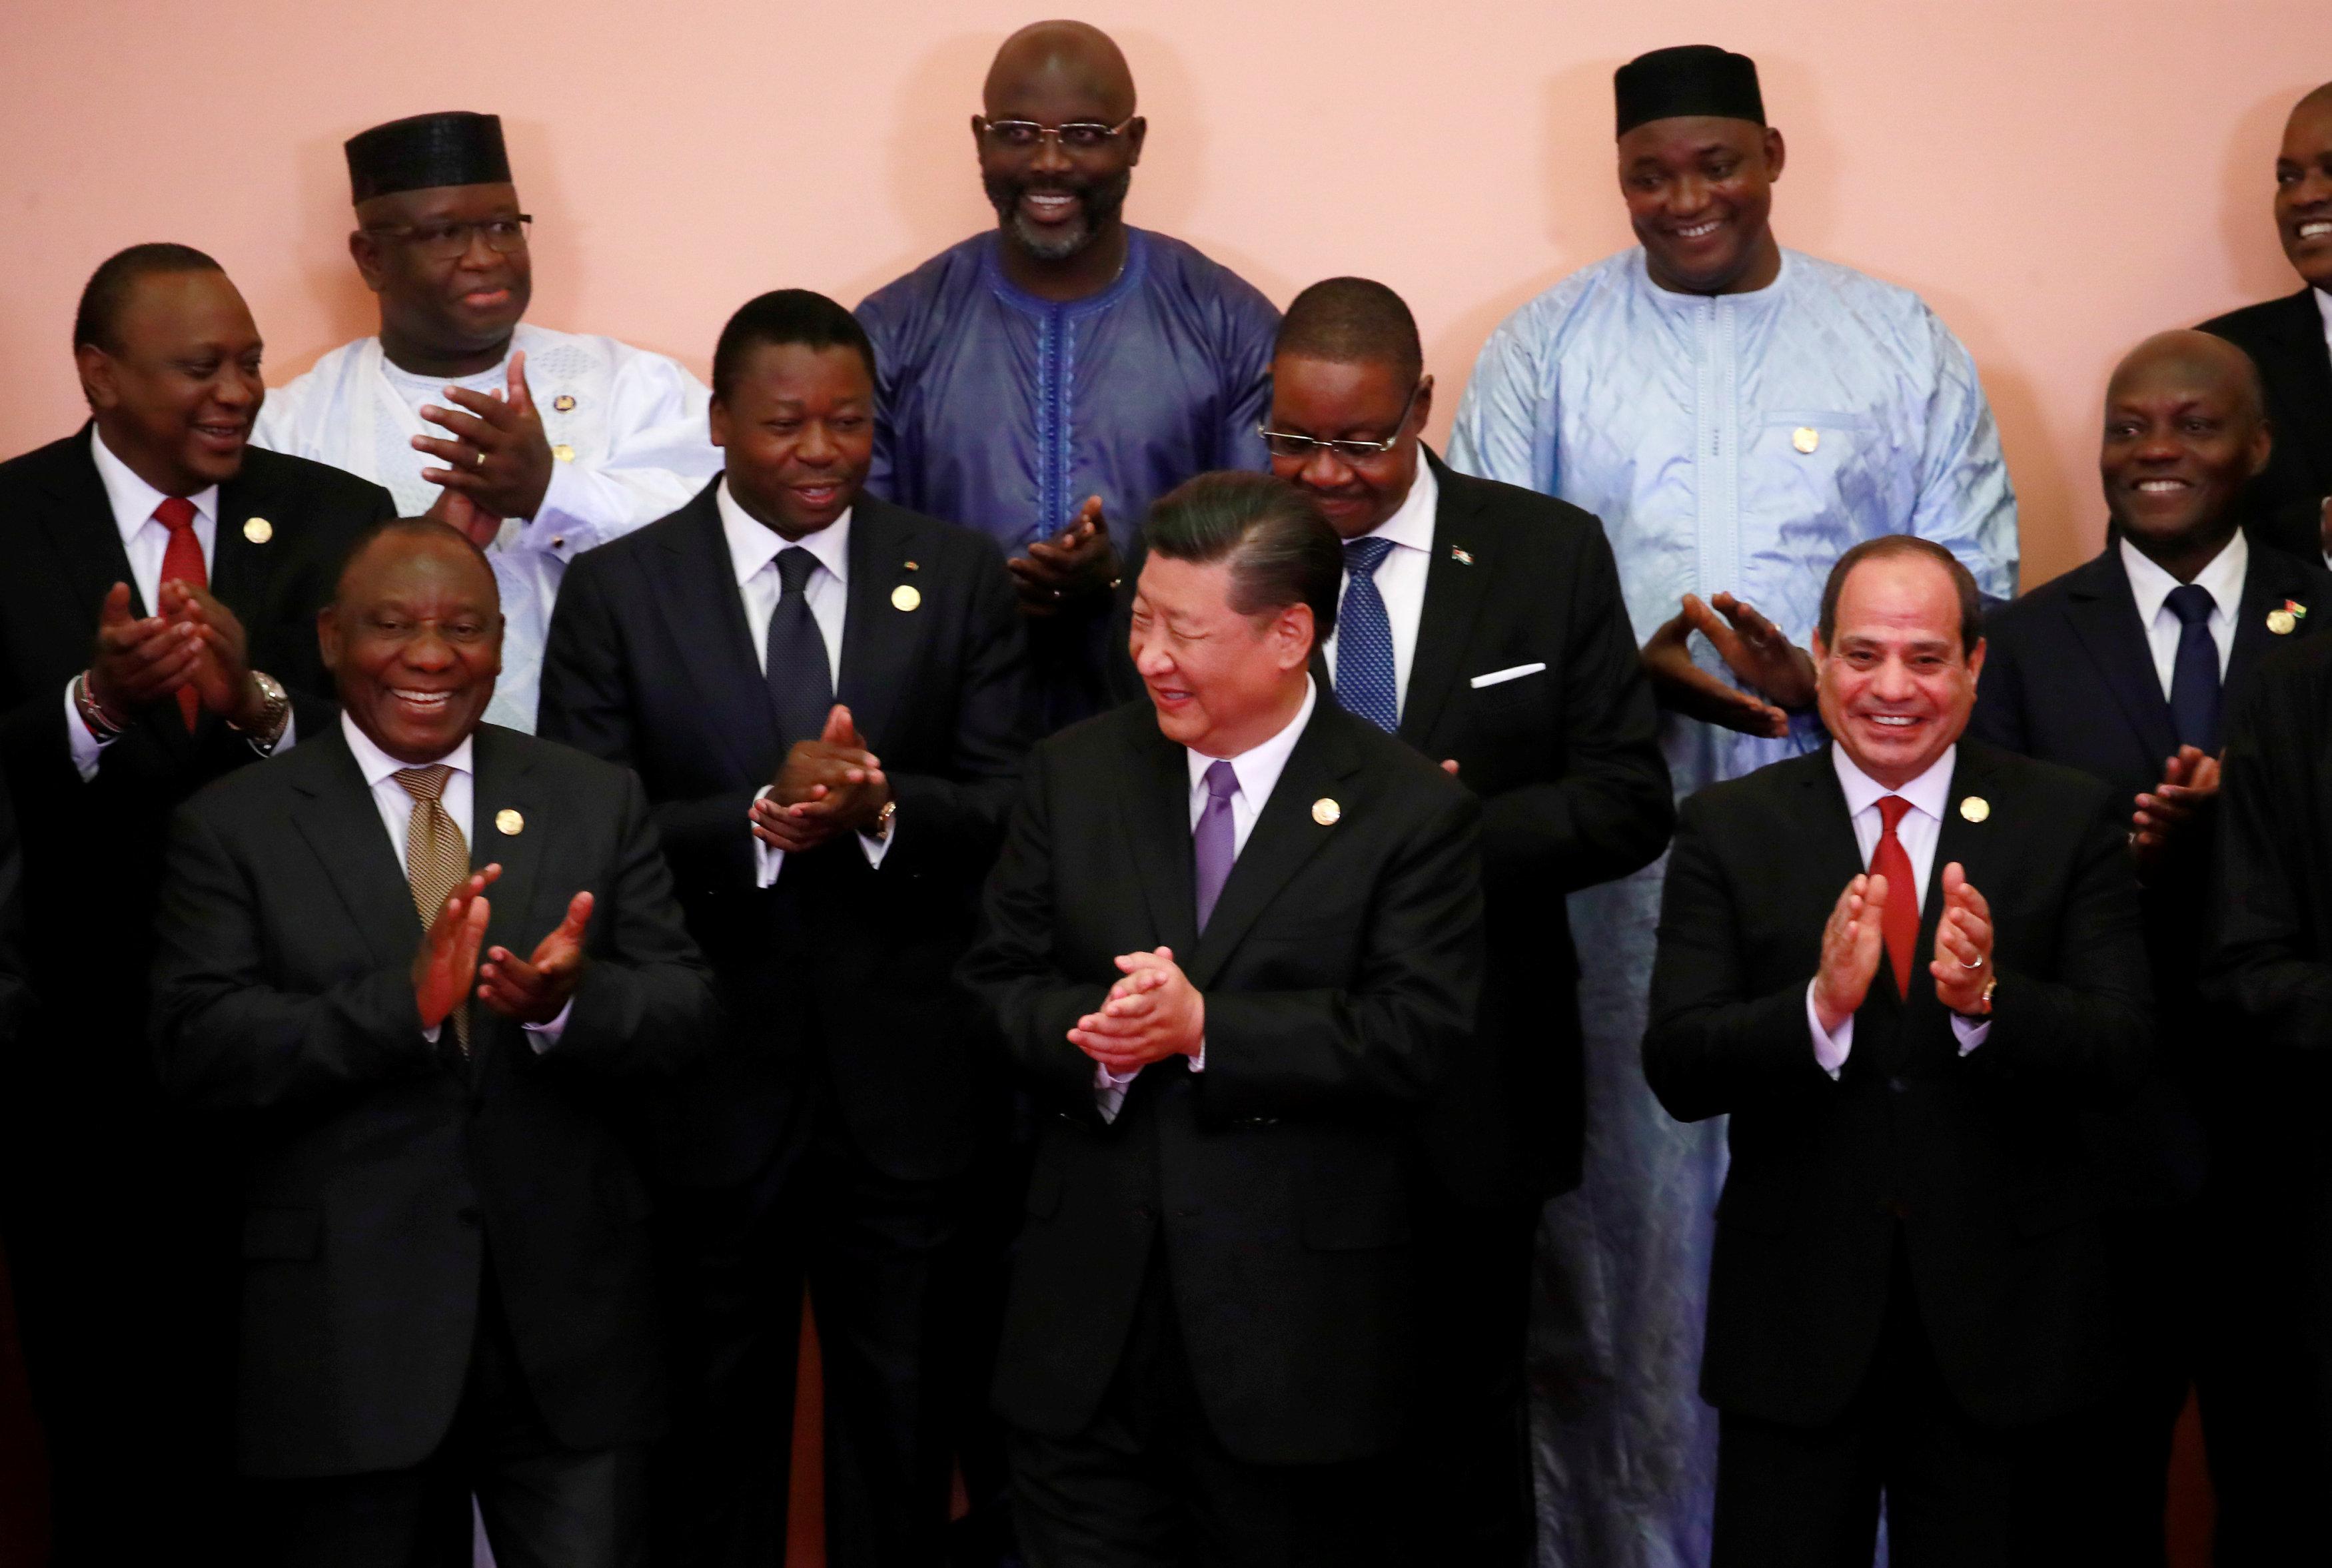 صور تذكارية لزعماء قمة الصين أفريقيا